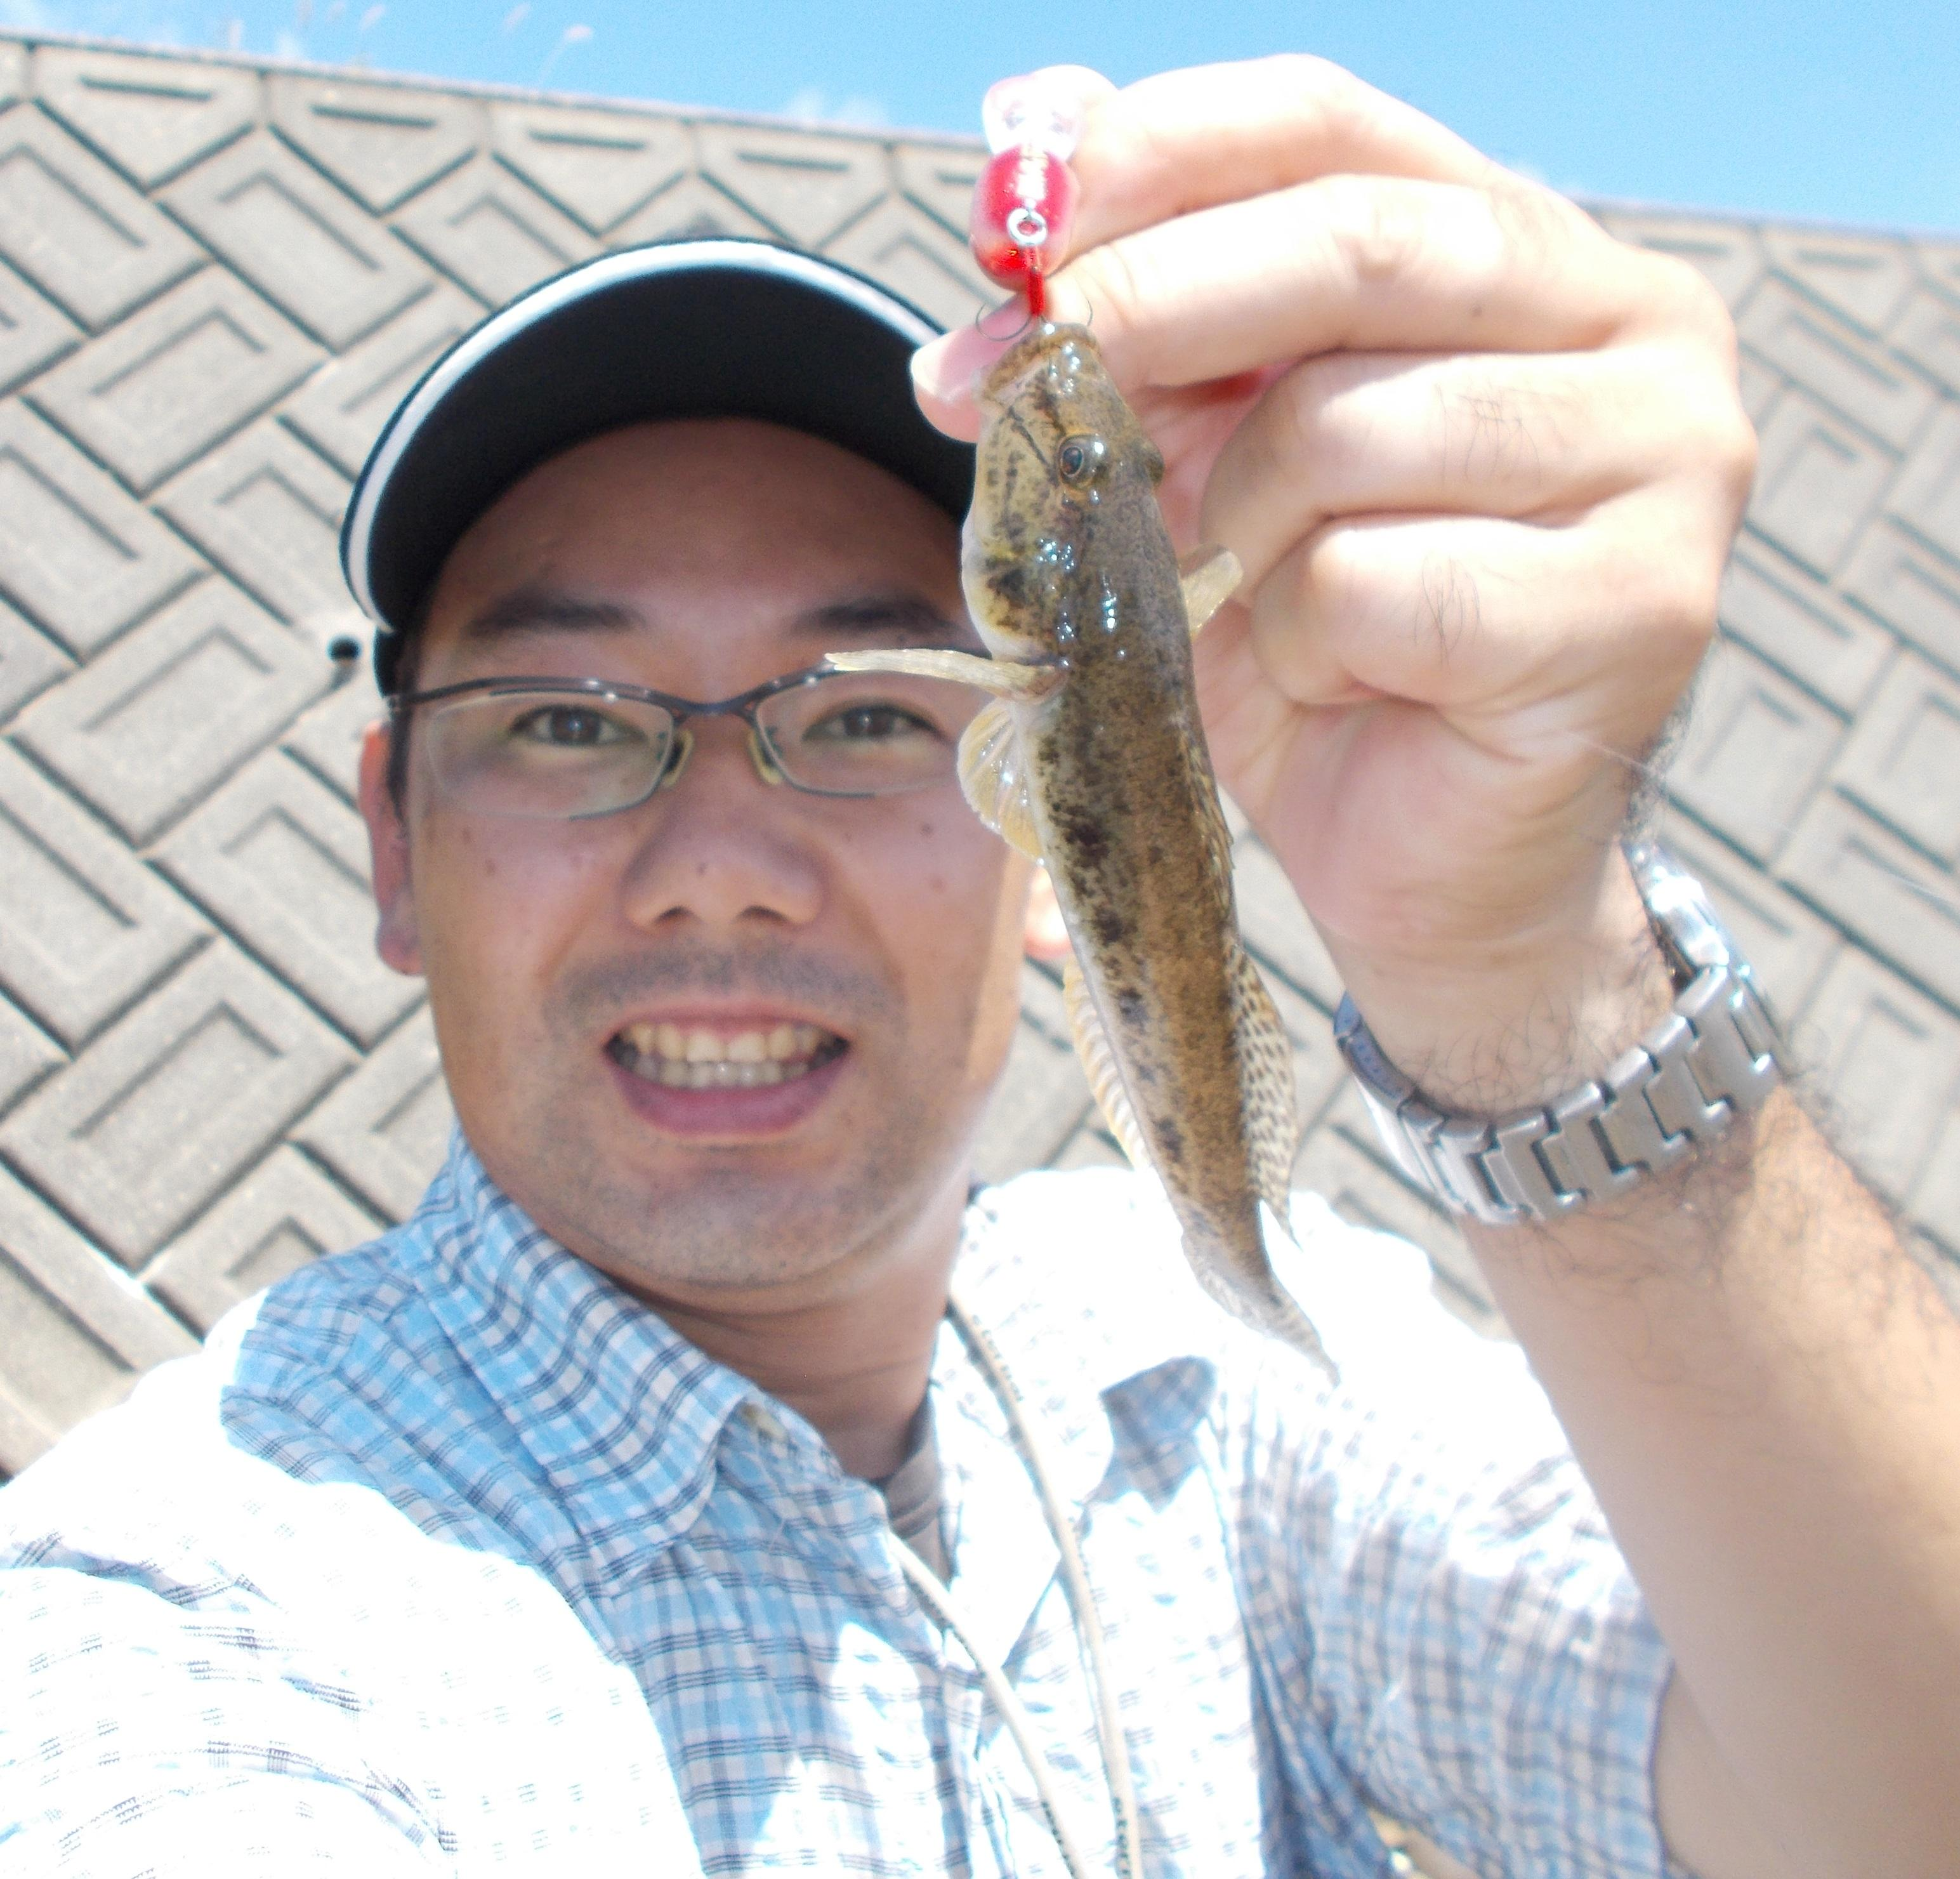 短時間の釣行でしたがアタリ多く楽しめました♪暑いので水分補給はこまめに取って下さい。